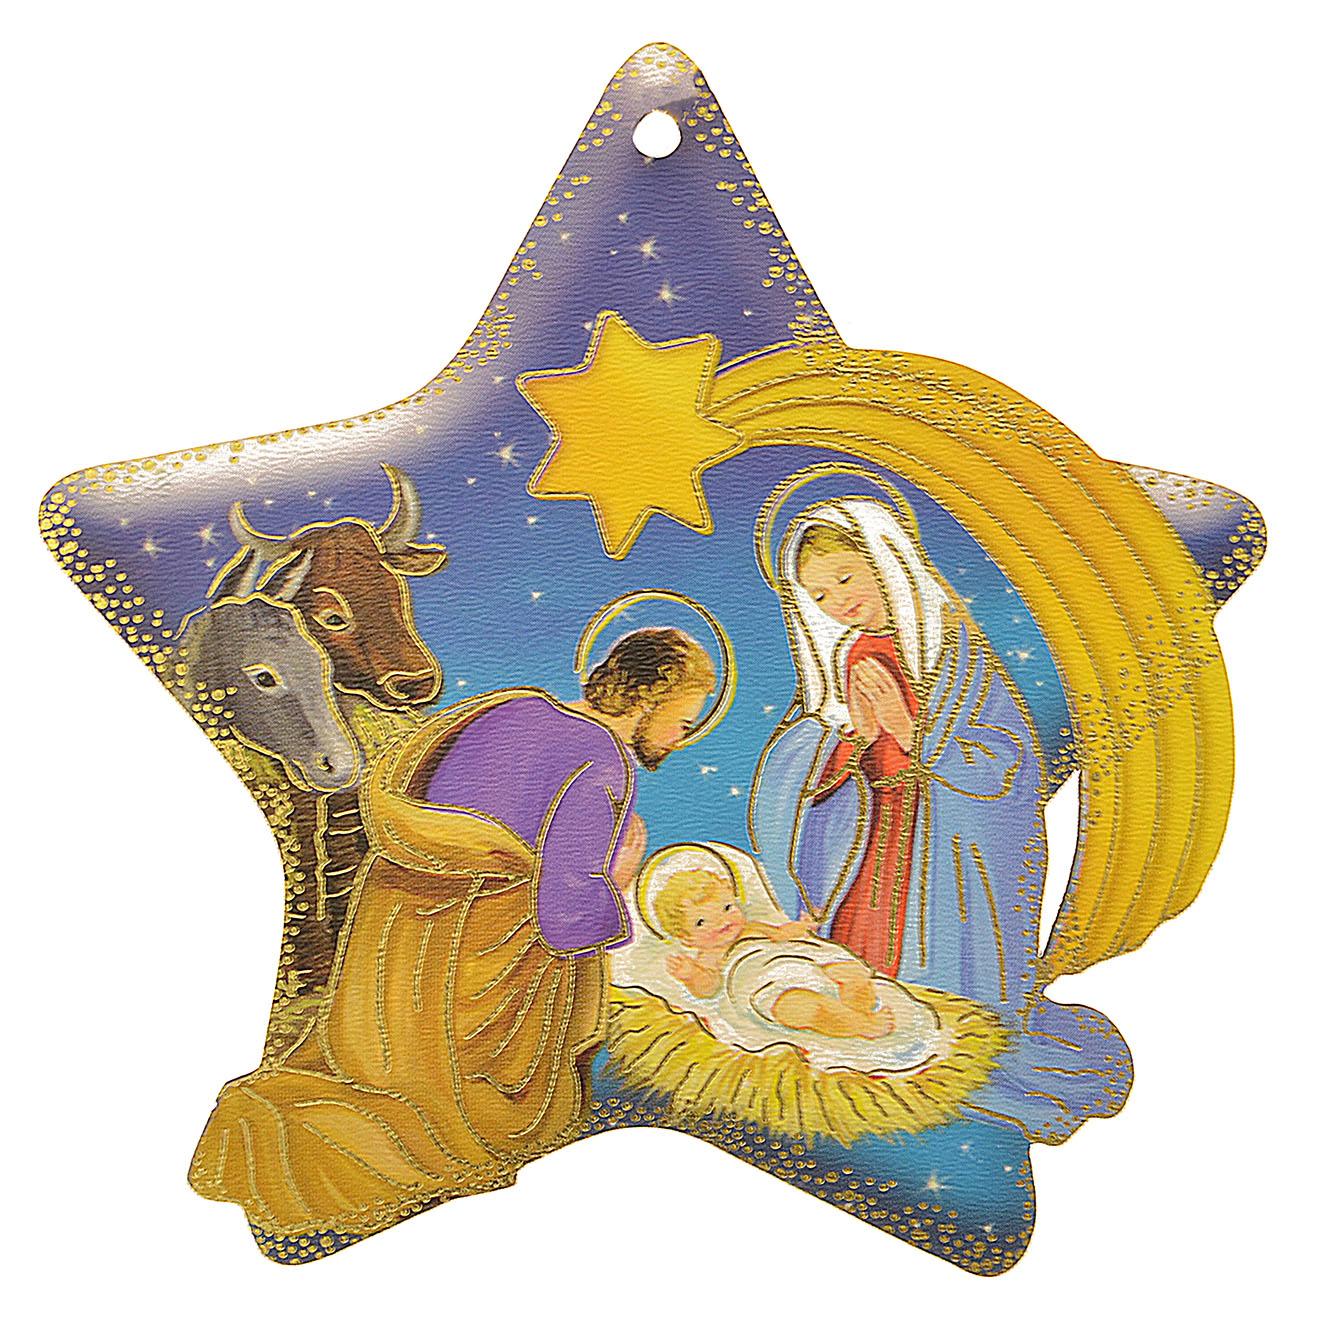 Immagini Natalizie Religiose.Addobbi Per Albero Di Natale Articoli Religiosi Eventi